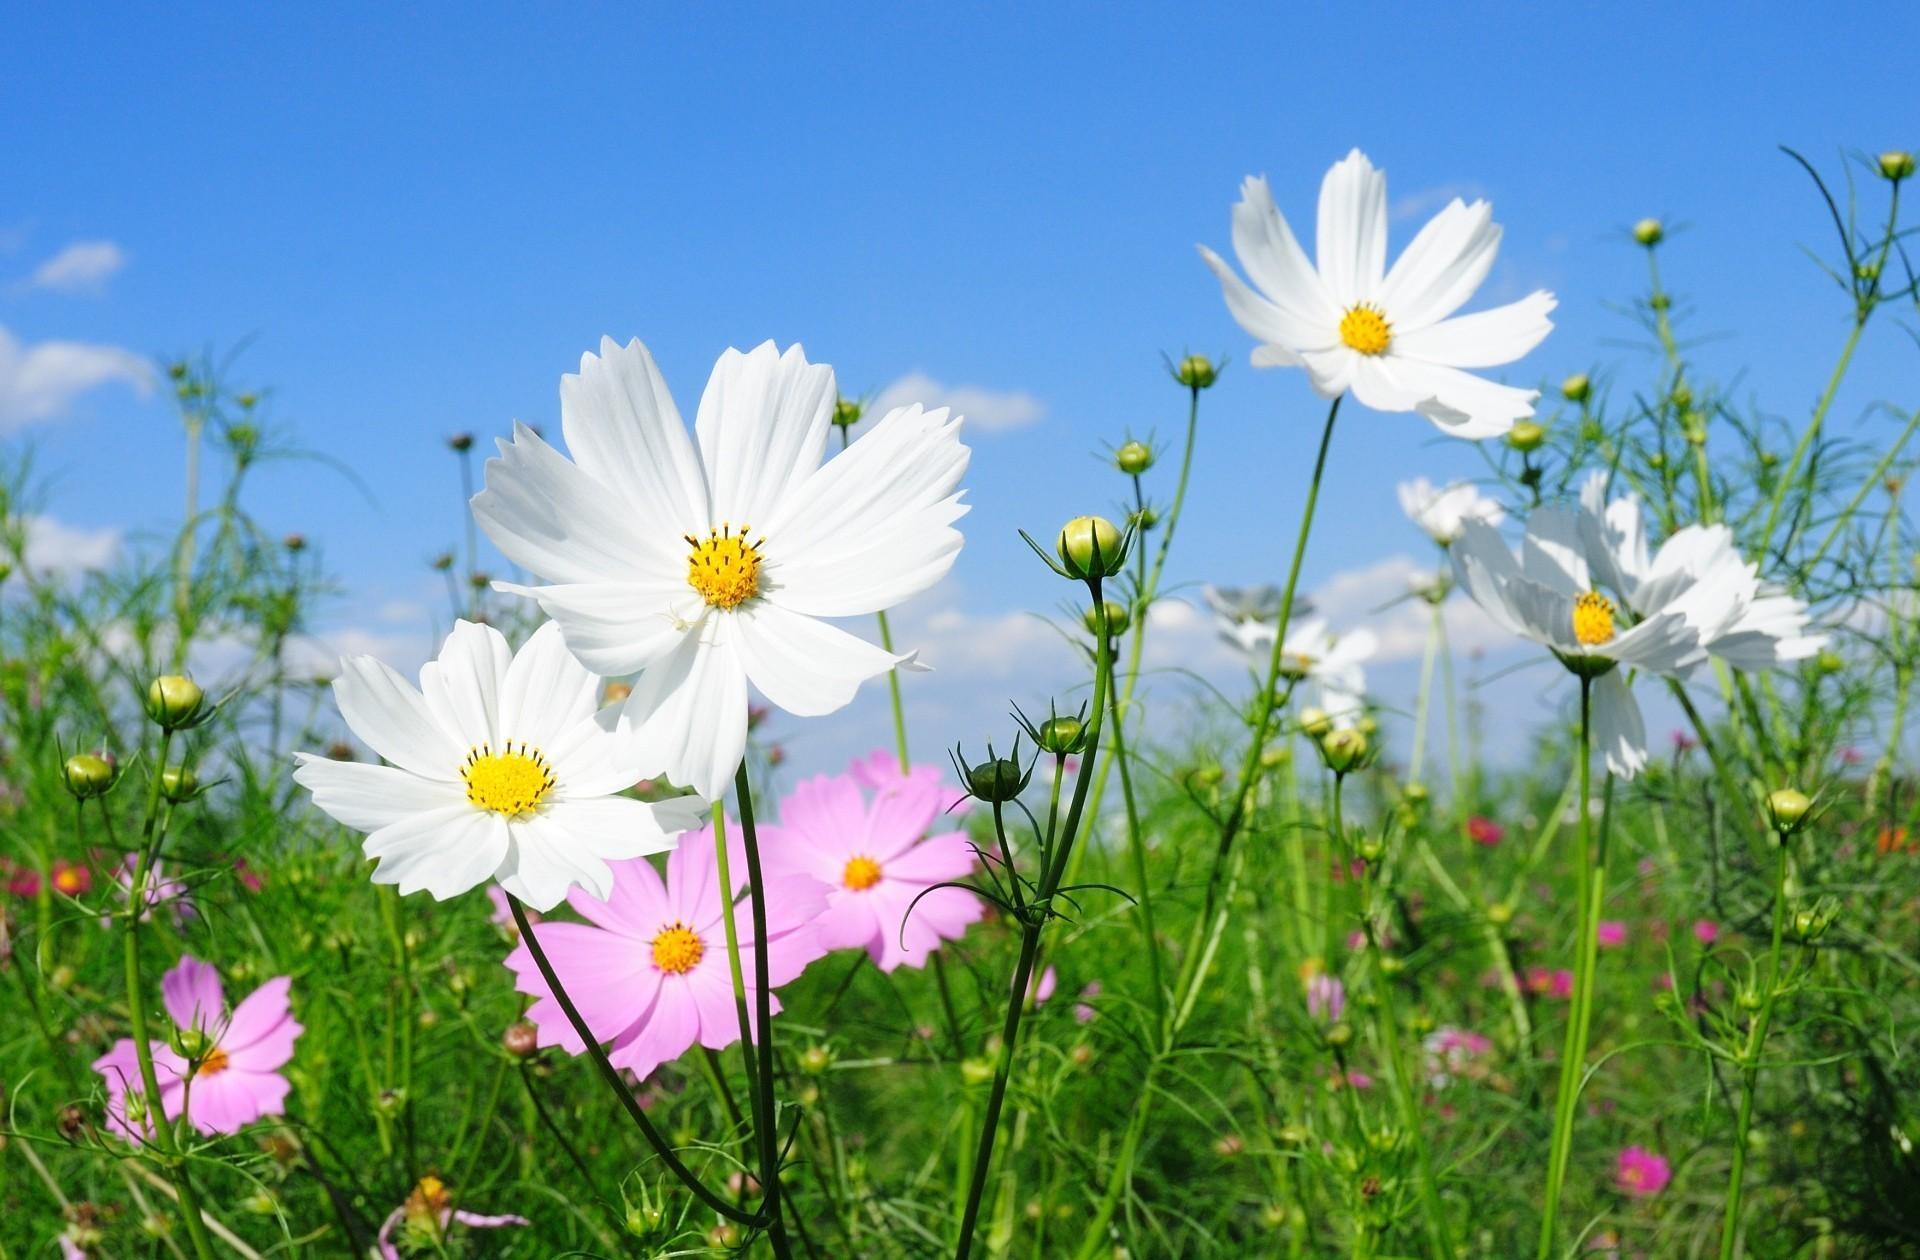 72181 скачать обои Цветы, Зелень, Поляна, Солнечно, Космея - заставки и картинки бесплатно